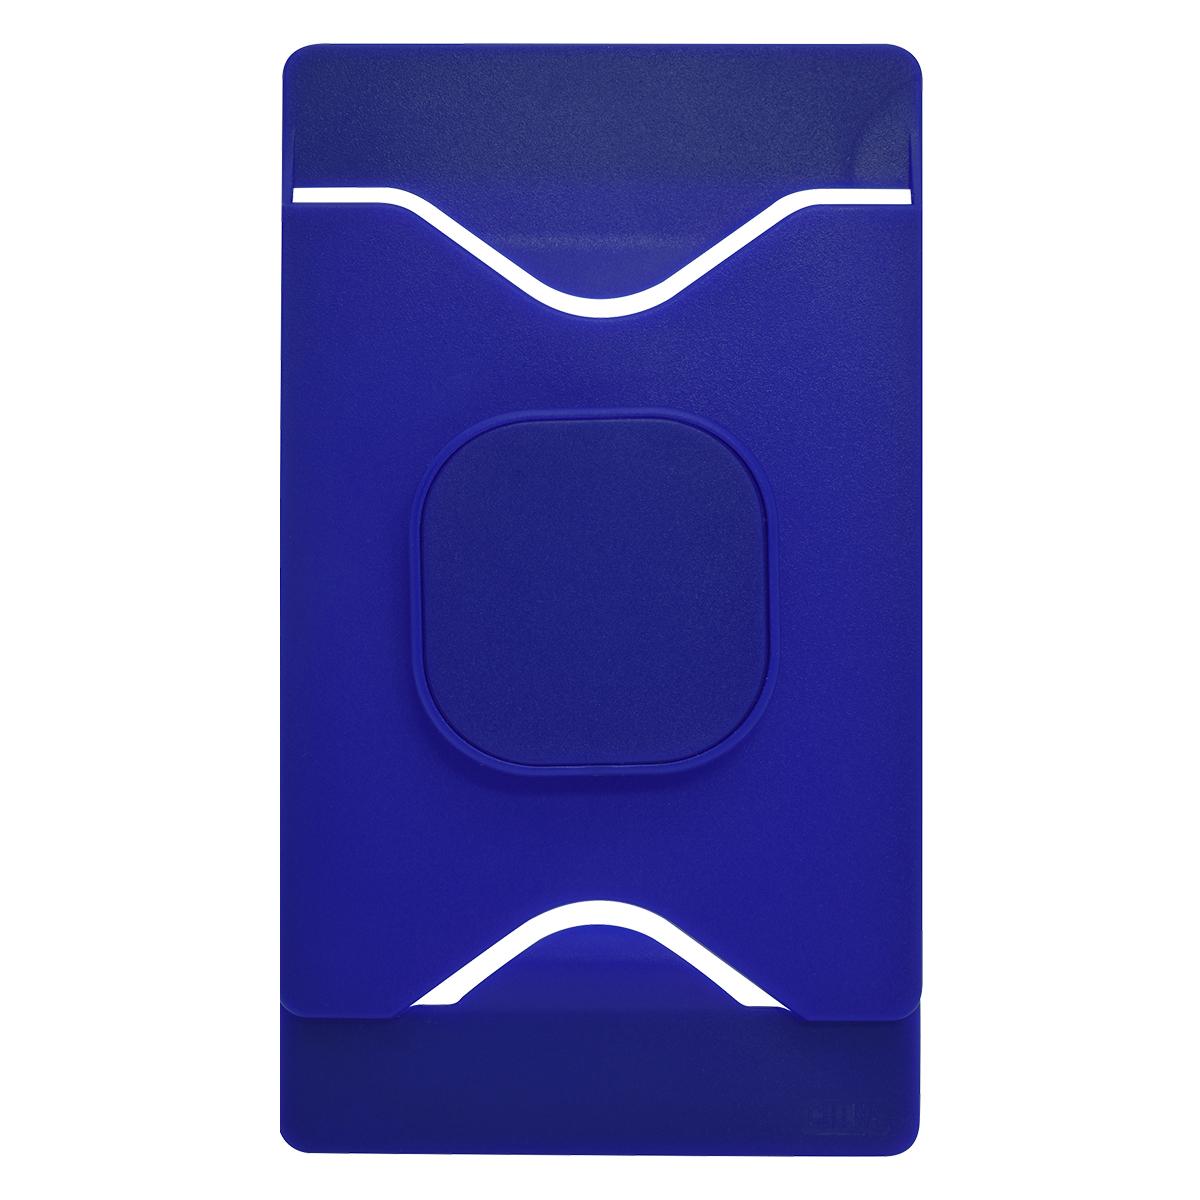 274 - Porta Tarjetas con Aro de Soporte para Teléfono